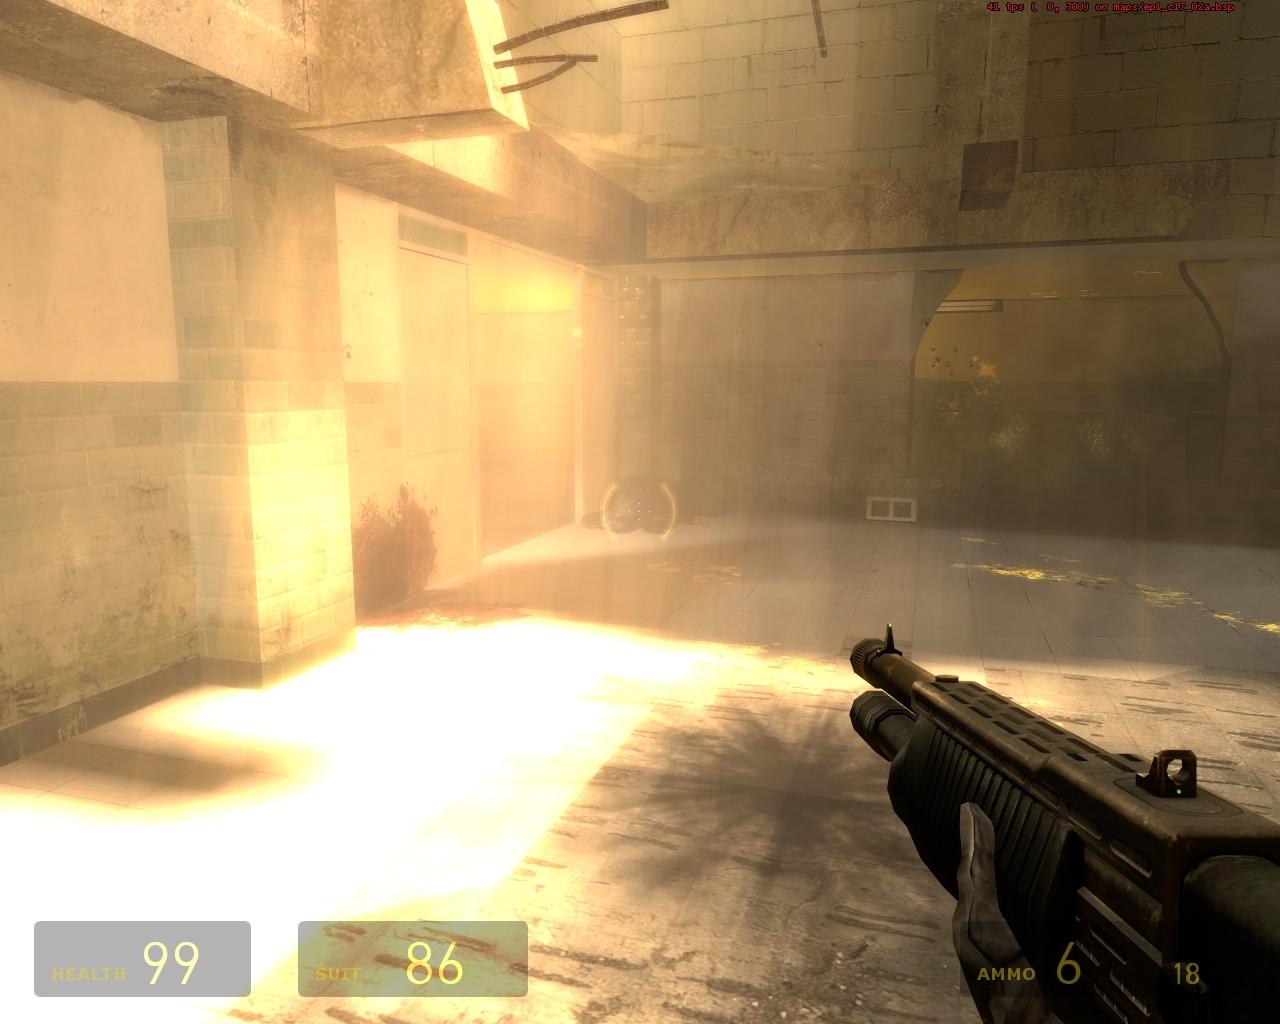 Сражаться в таких условиях невыносимо - Half-Life 2